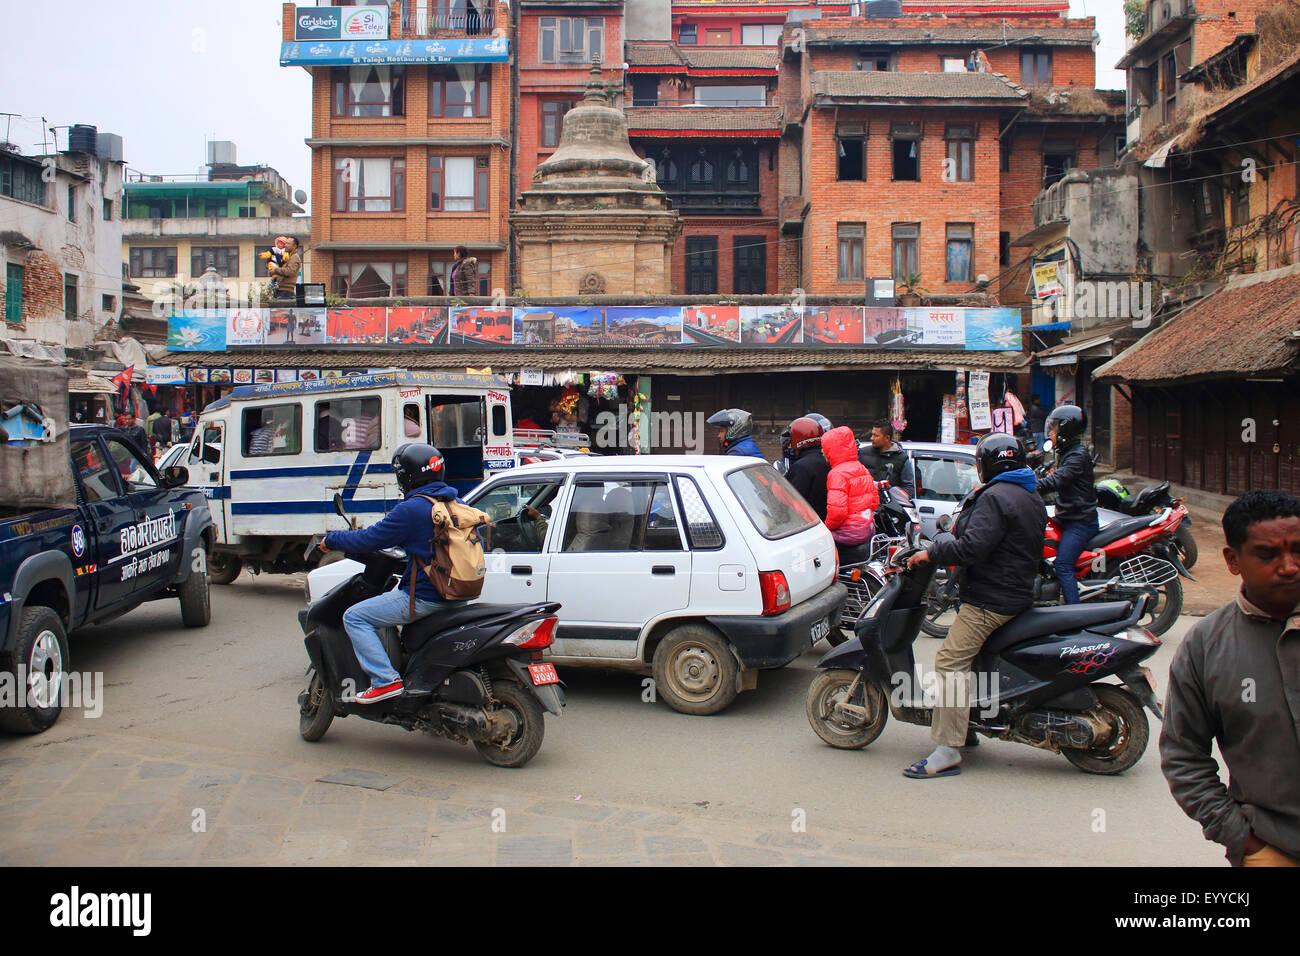 Il traffico caotico della città, Nepal, Kathmandu Immagini Stock